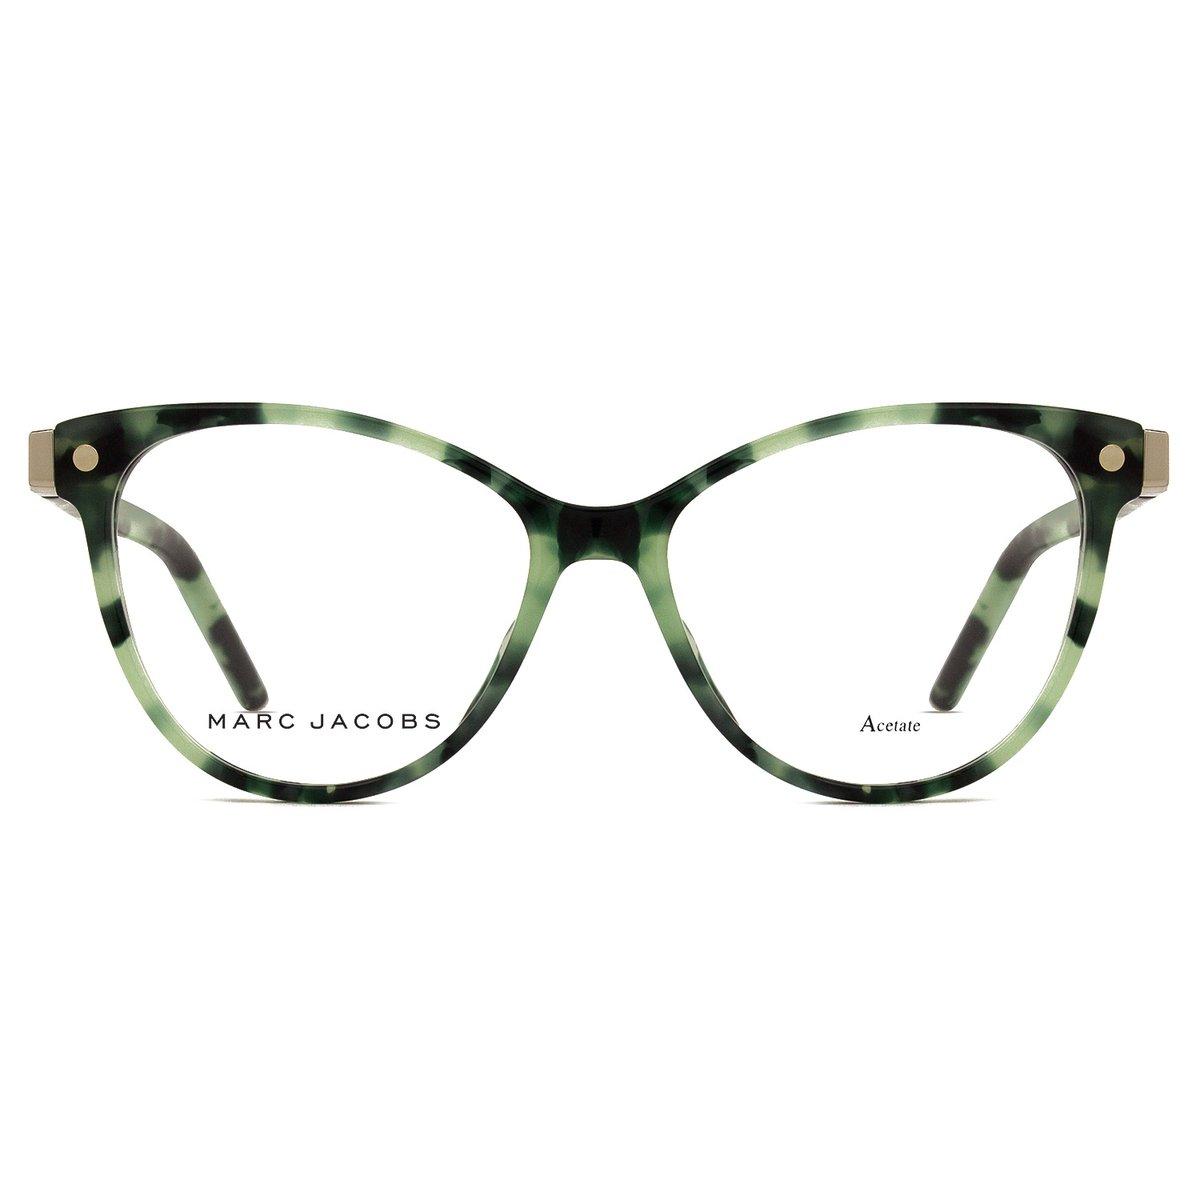 728d02fc458df Armação de Óculos de Grau Marc Jacobs MARC20-U1S15-51 - Compre Agora    Zattini